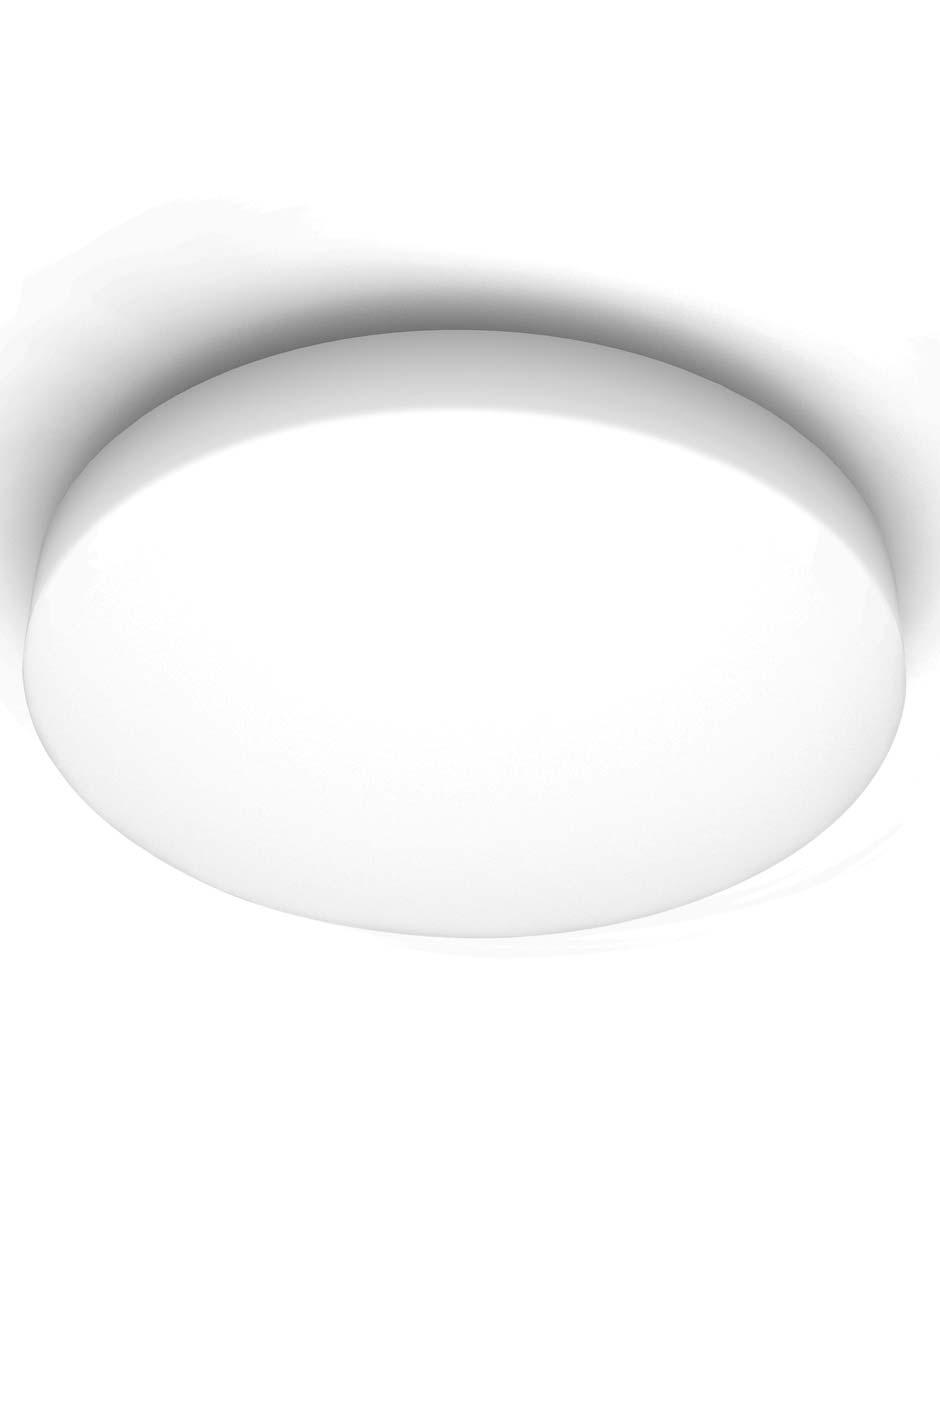 moon plafonnier 16cm classique verre blanc design salle de bains 11090078R 5 Meilleur De Plafonnier Rond Verre Hiw6